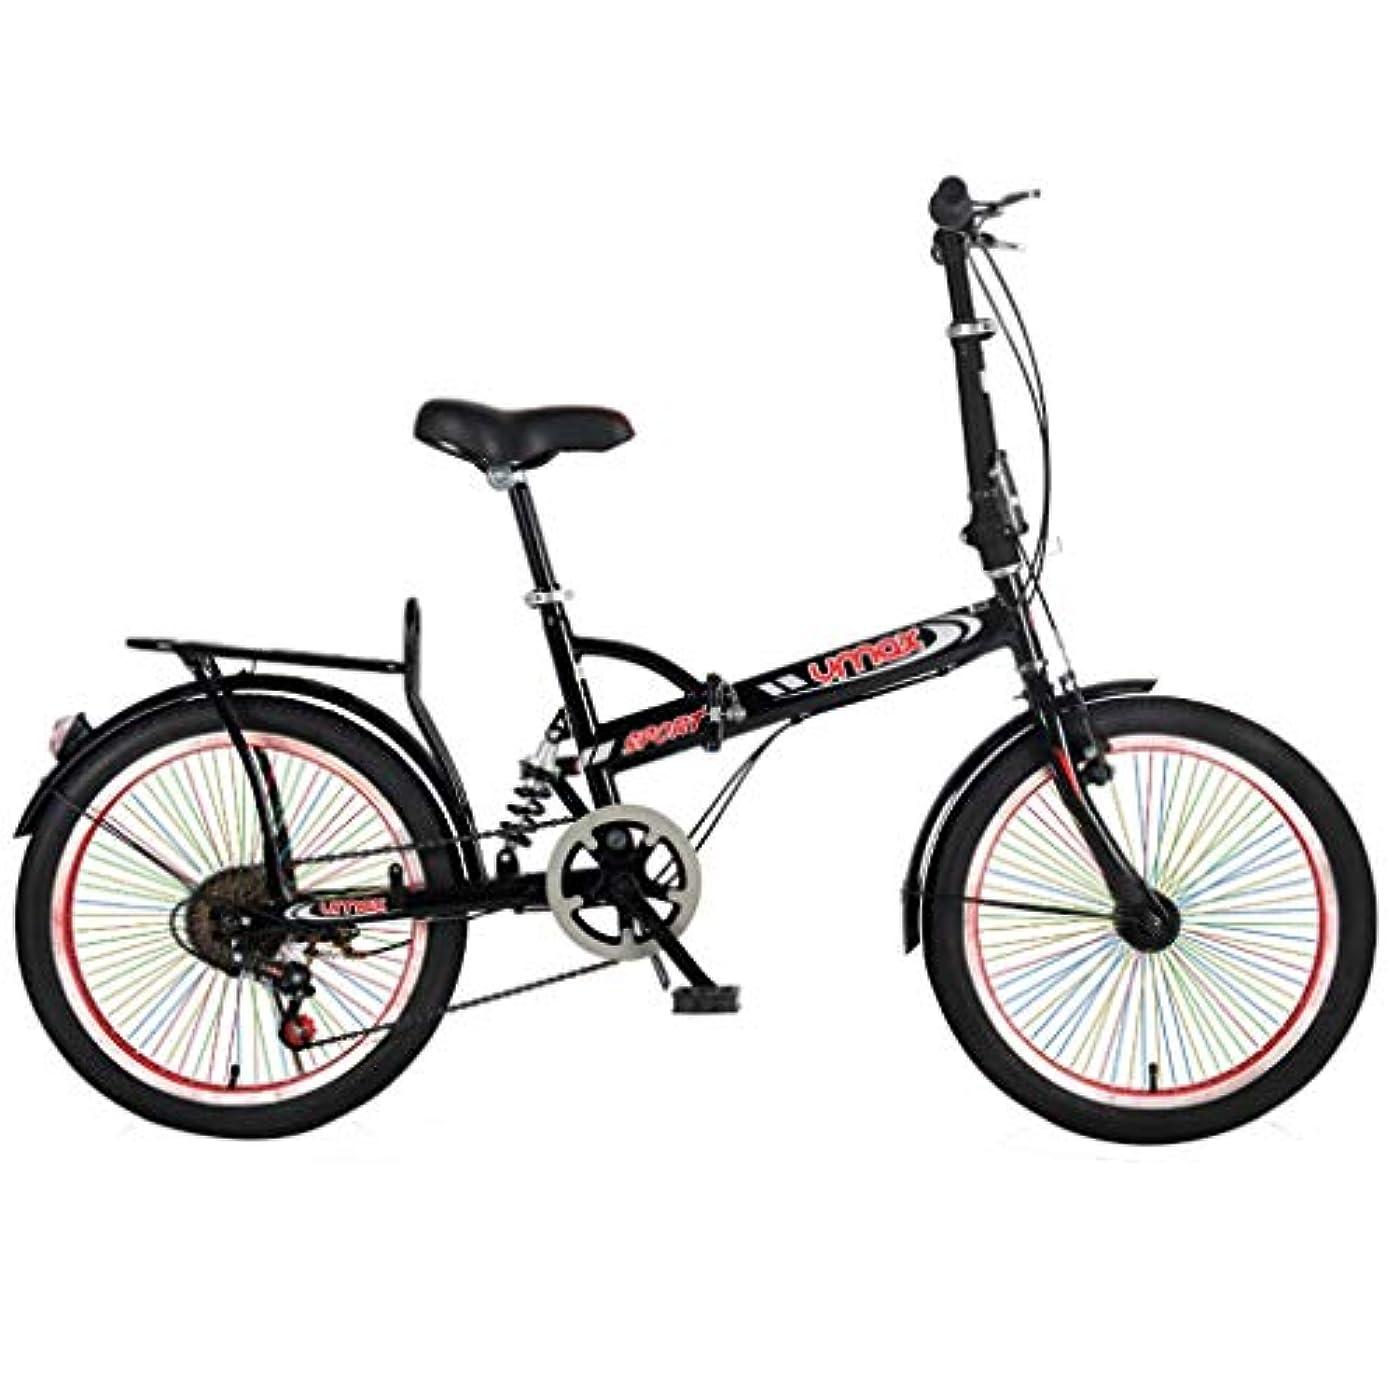 電報任命読みやすさGWM 20インチ折りたたみ自転車マウンテンバイクカラーホイールシングルスピード自転車の女性と男性の市通勤自転車、レッド、ブラック